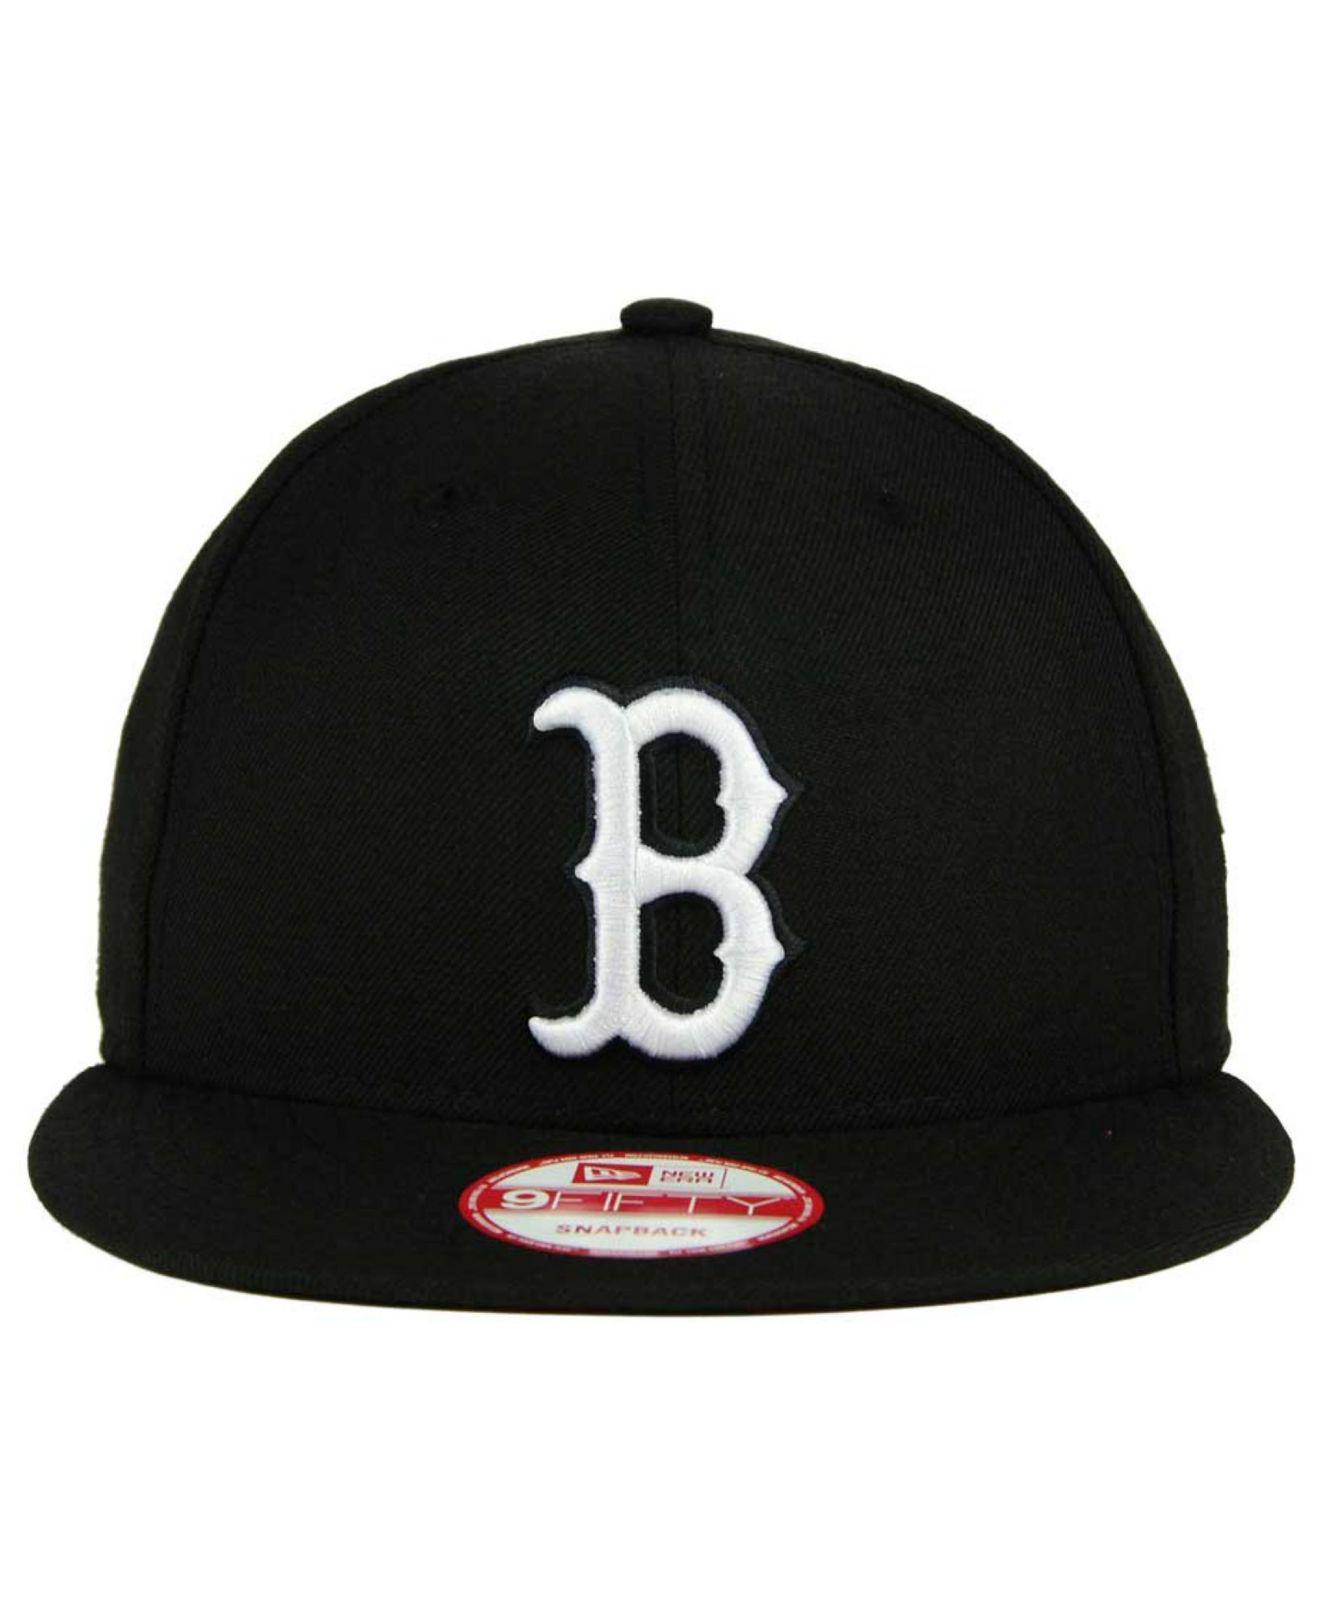 d522459dd56d6 KTZ Boston Red Sox B-dub 9fifty Snapback Cap in Black for Men - Lyst